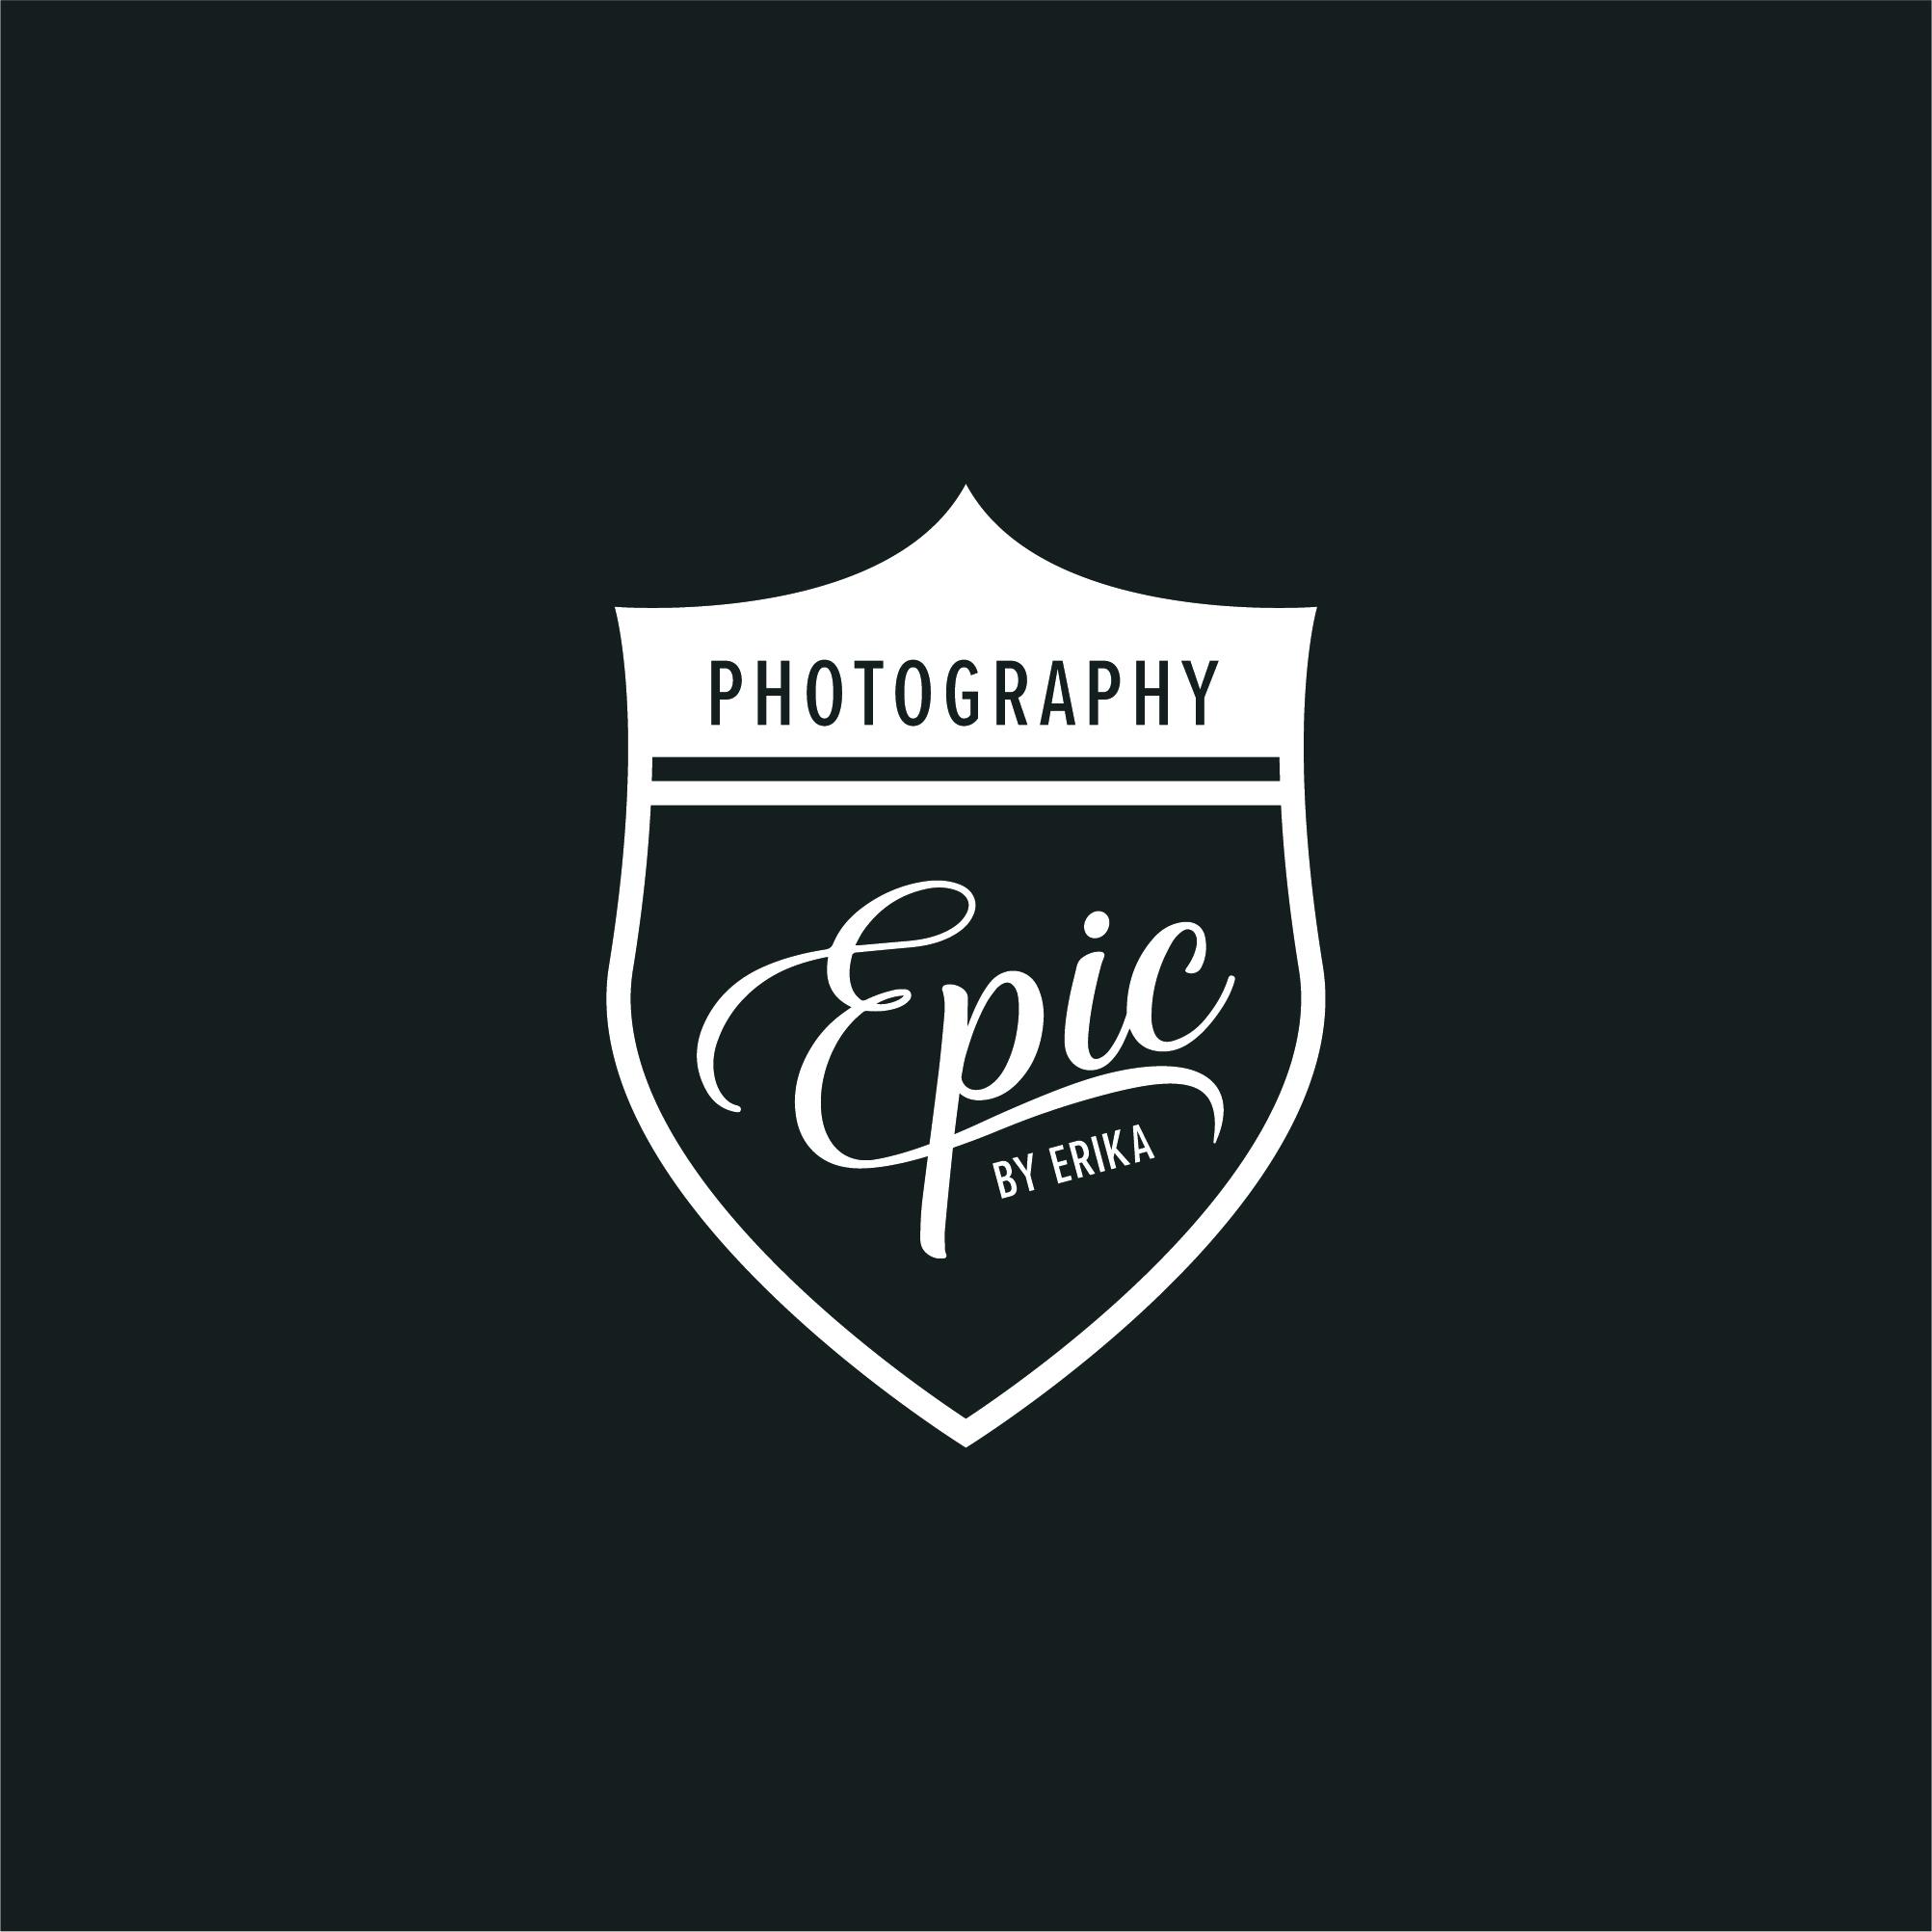 Name, Logo & Brand Identity